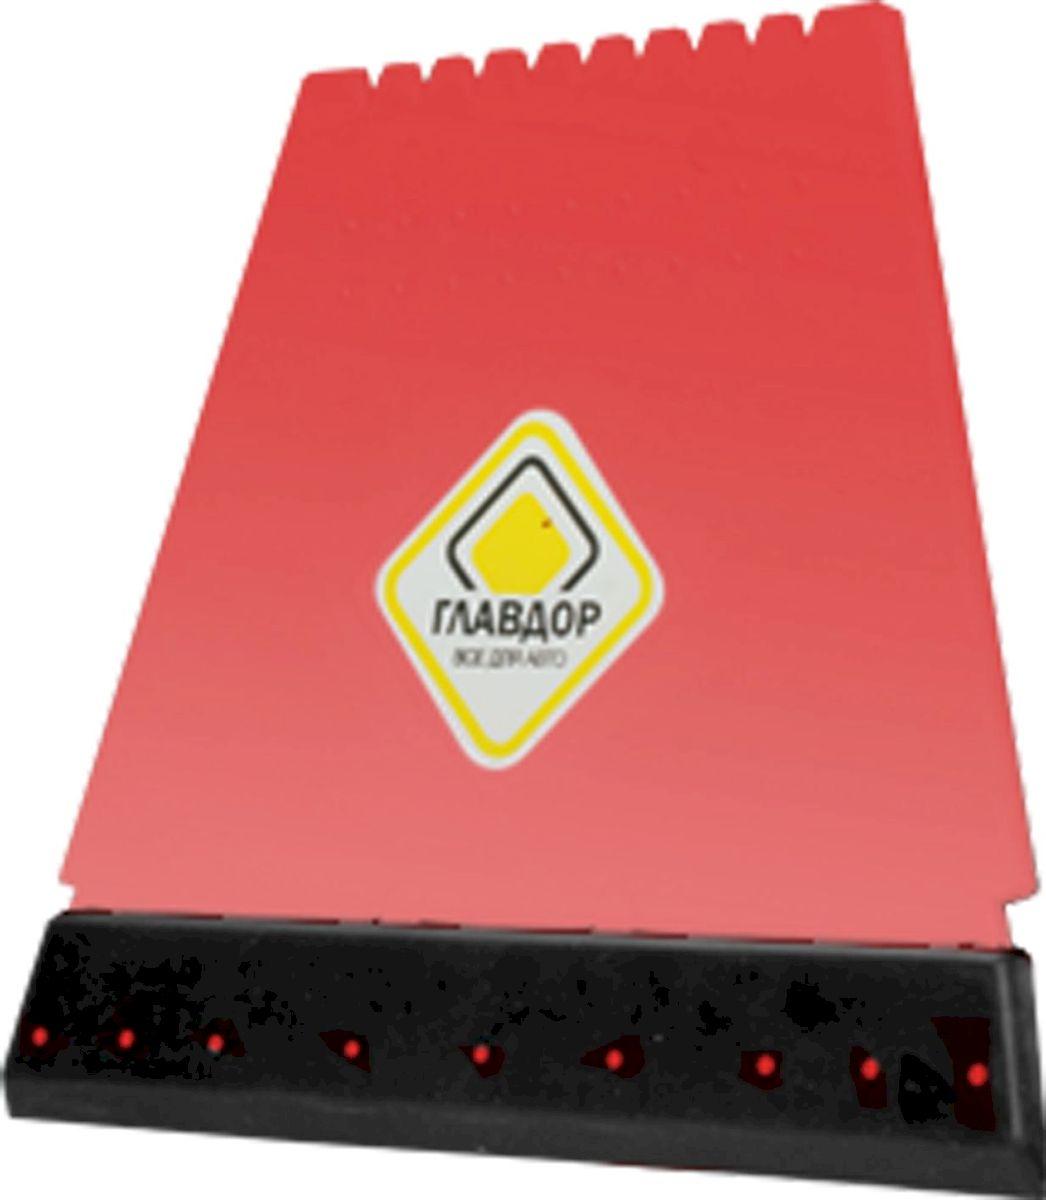 Скребок Главдор, четырехсторонний, цвет: красный238000Продуманный до мелочей скребок для льда и сгона воды, в котором задействованы все четыре стороны для более эффективного удаление нежелательной наледи с поверхности автомобиля.Имеет два тонких лезвия по бокам, резиновый сгон и разрыхлитель наледи. Удобно лежит в руке, а хранение не занимает много места.